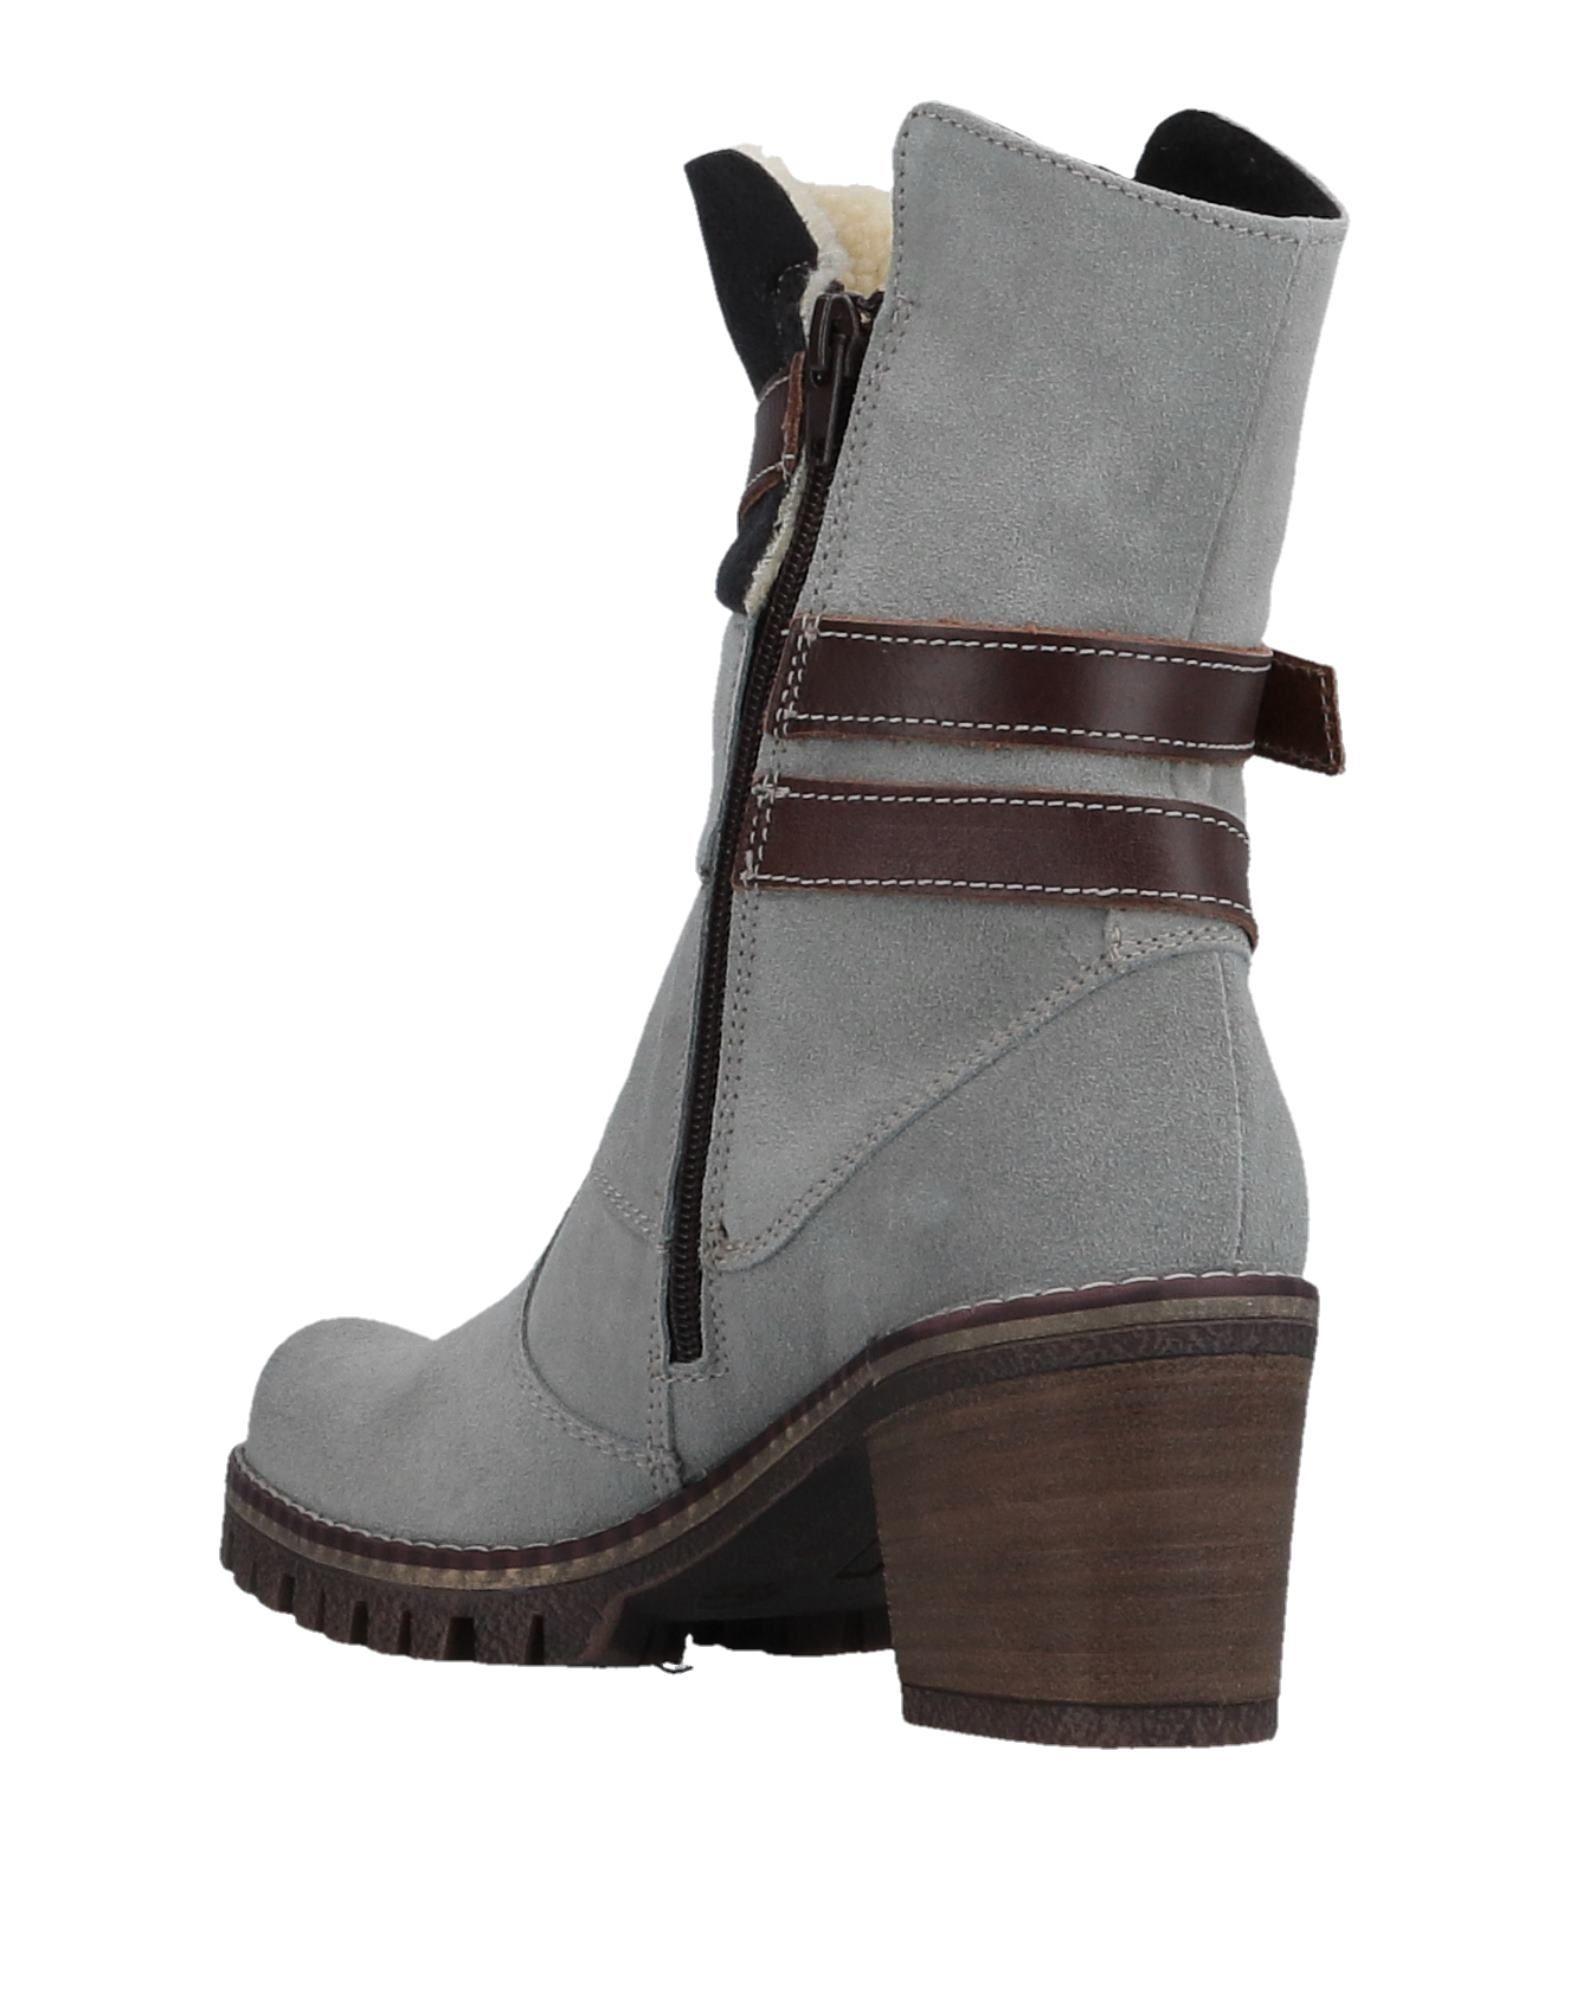 Stilvolle billige Stiefelette Schuhe Manas Stiefelette billige Damen  11510556IQ 9217d6